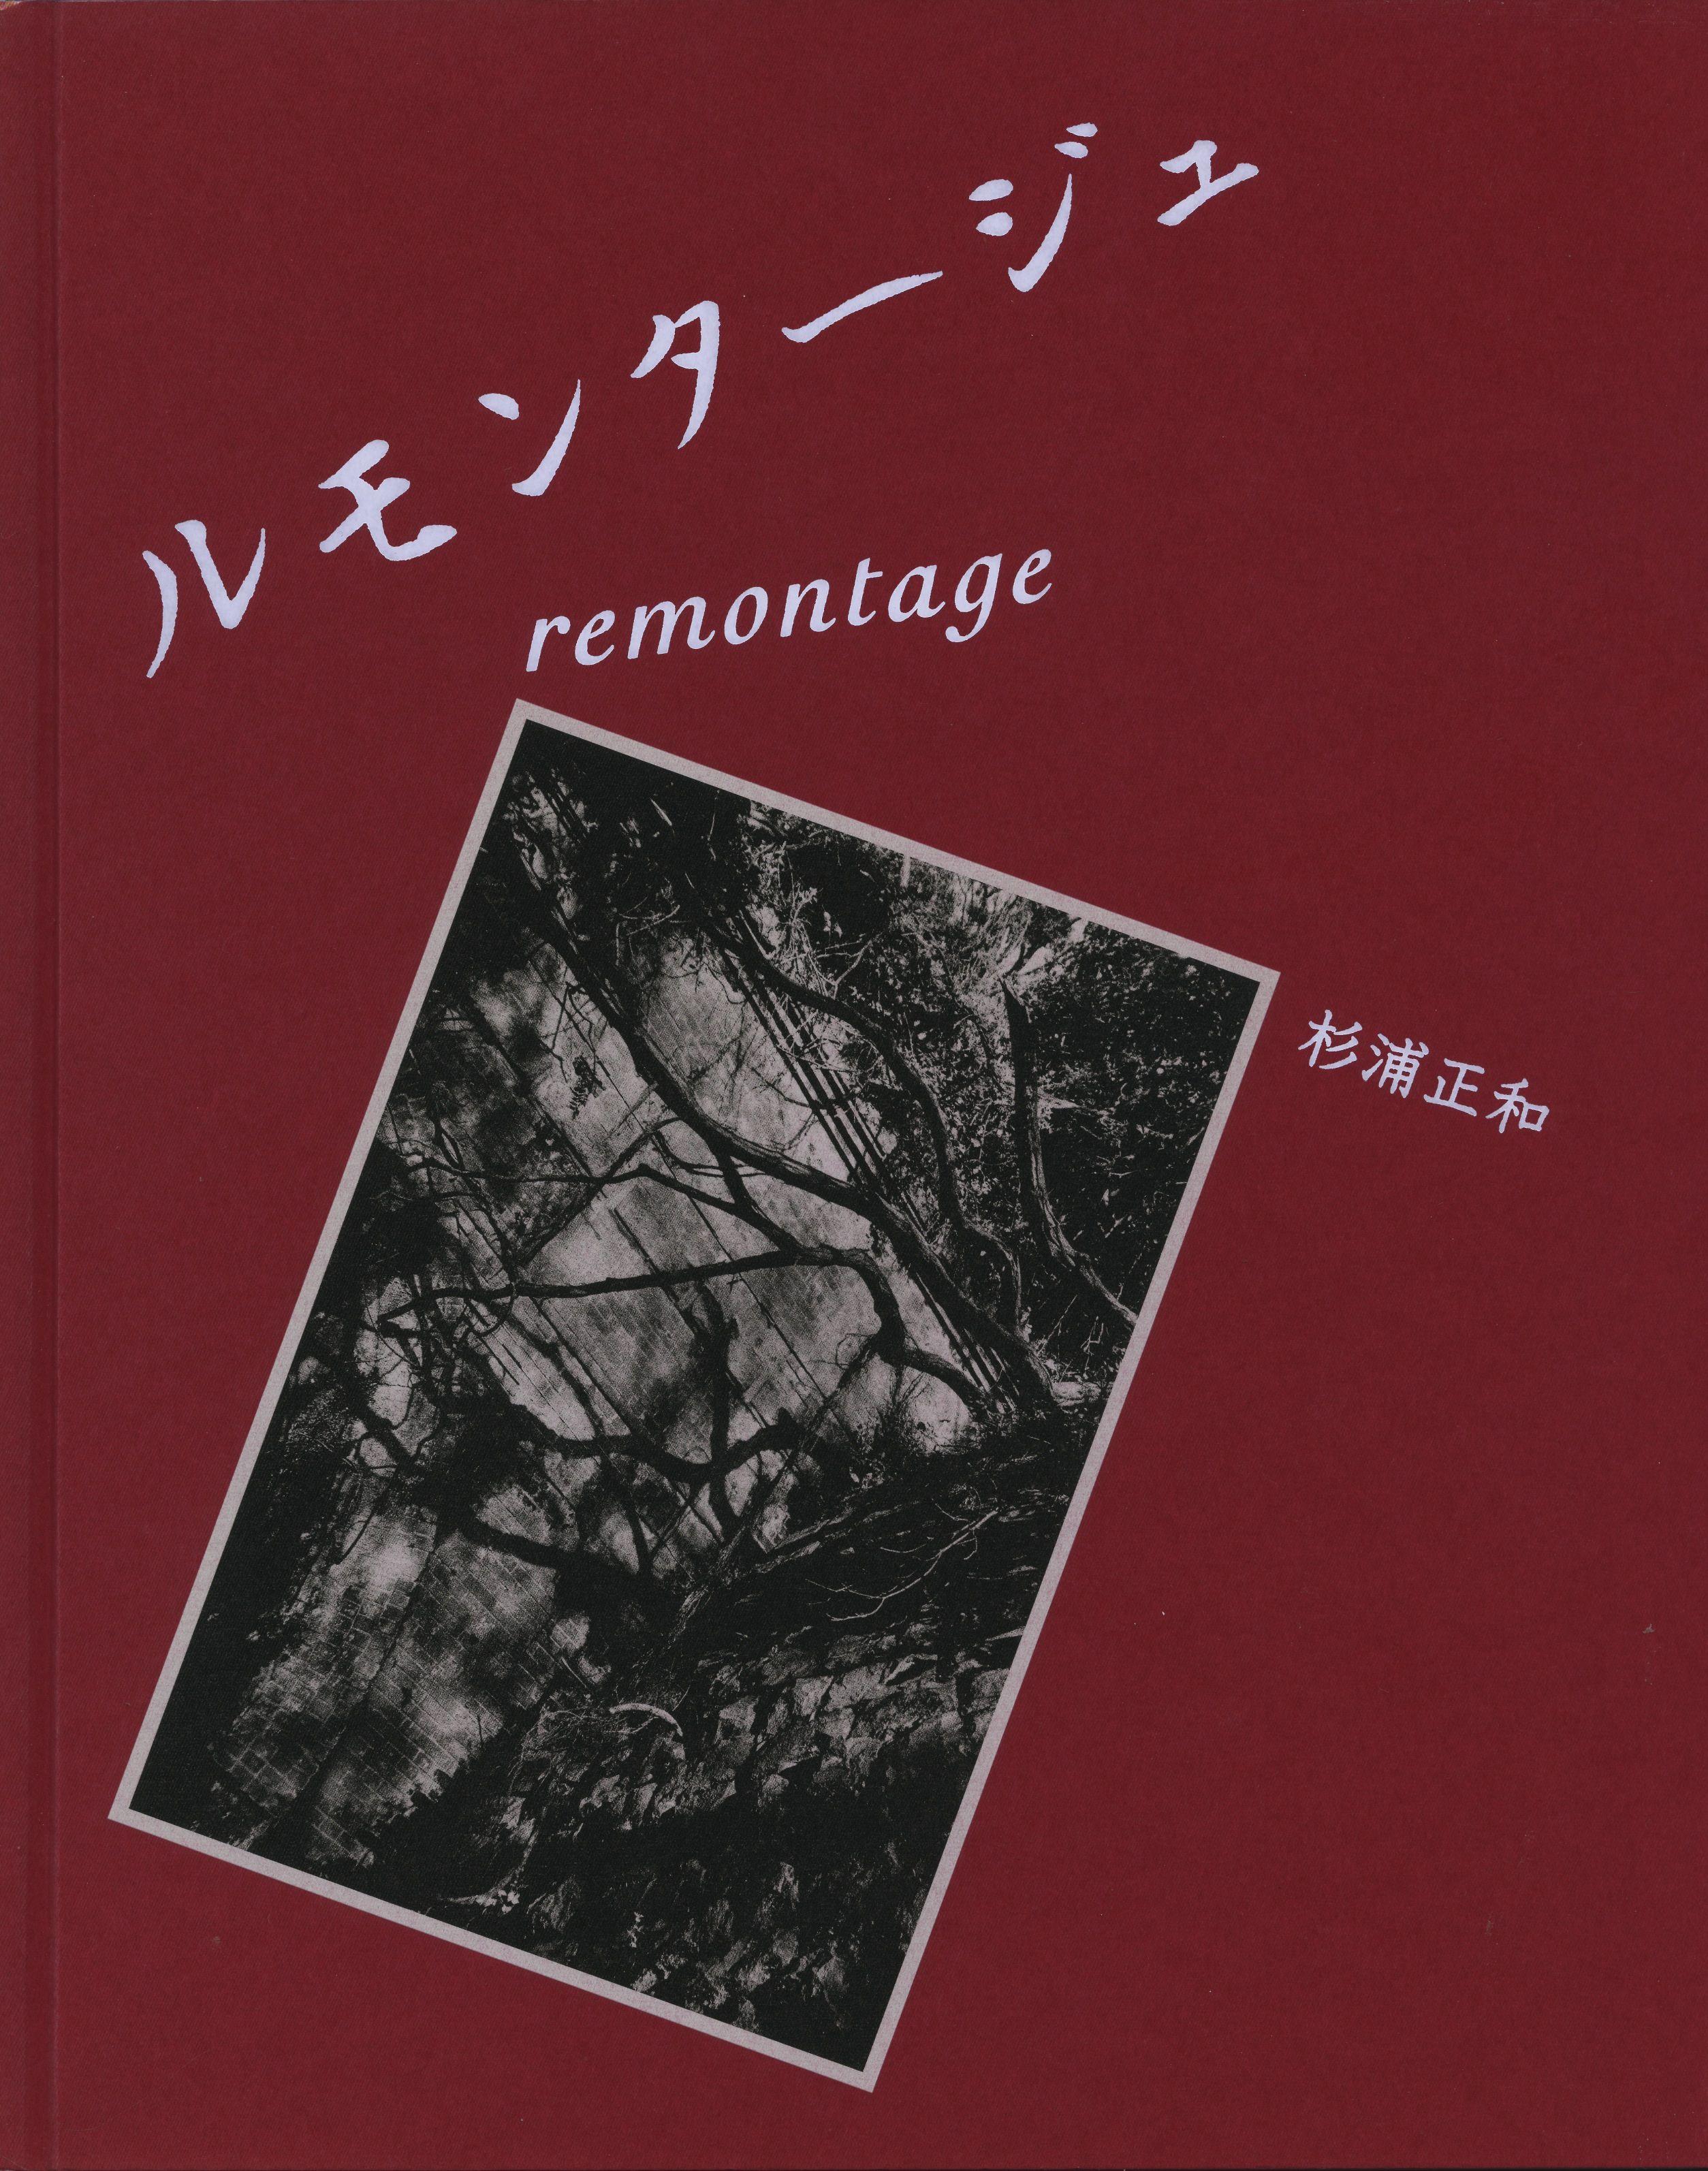 Masakazu Sugiura, Remontage (Tokyo: Sokyu sha, 2009)